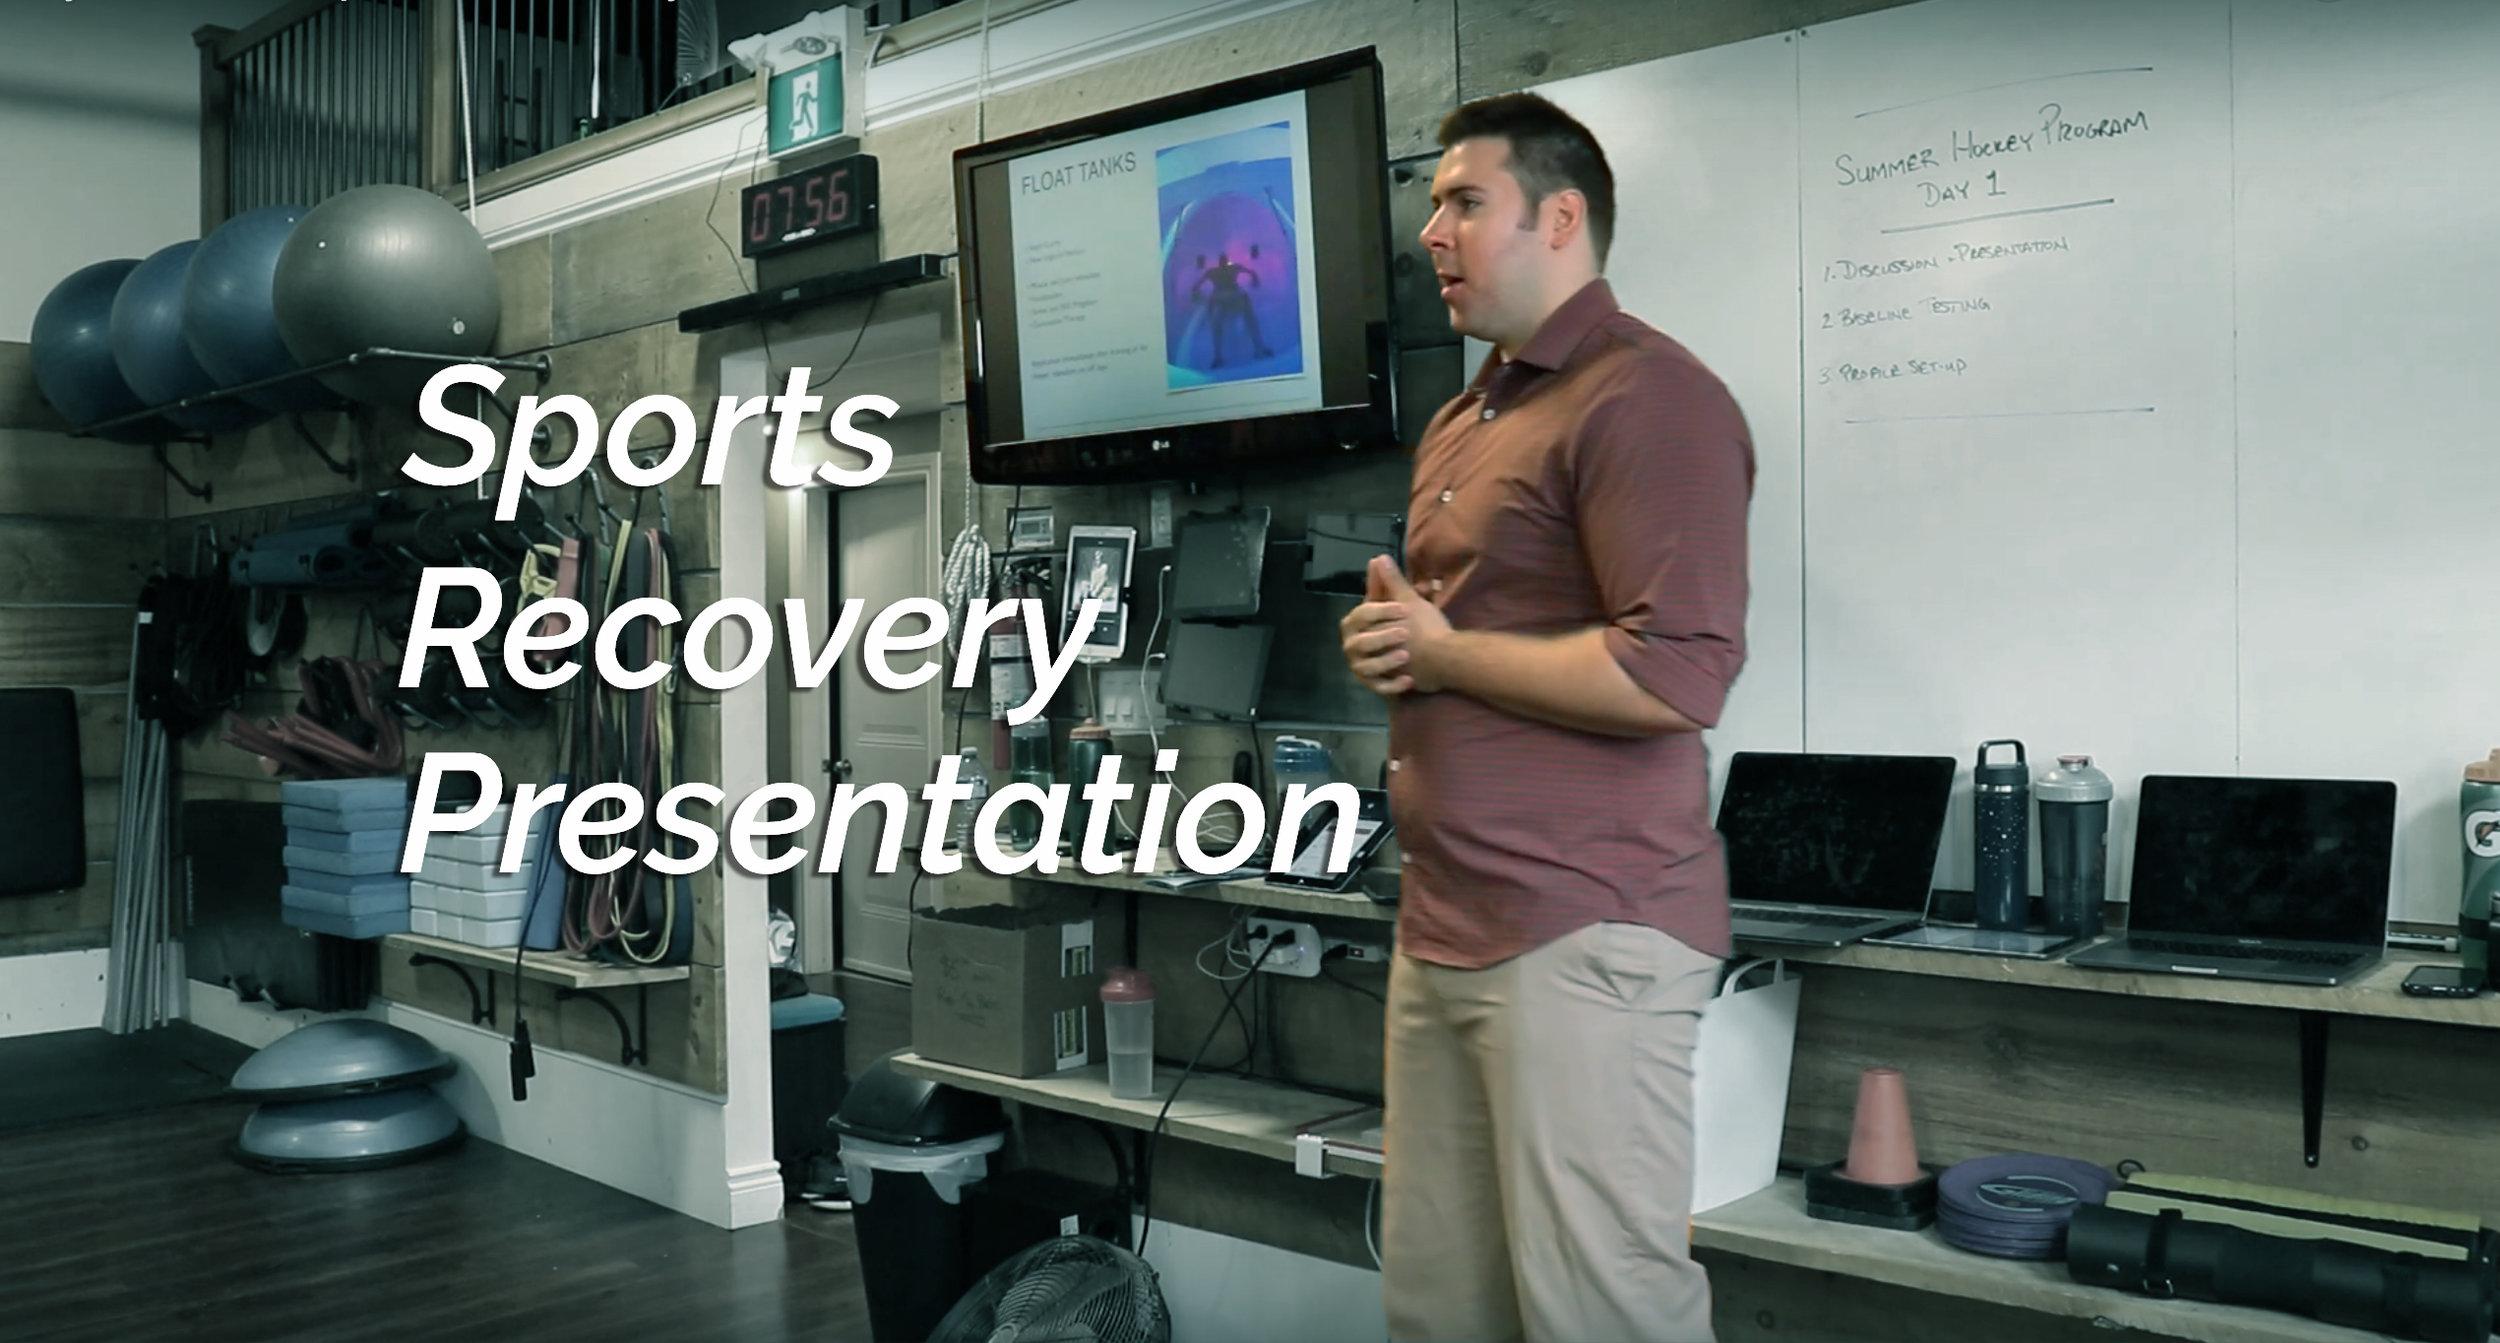 sportsrecoverypresentation